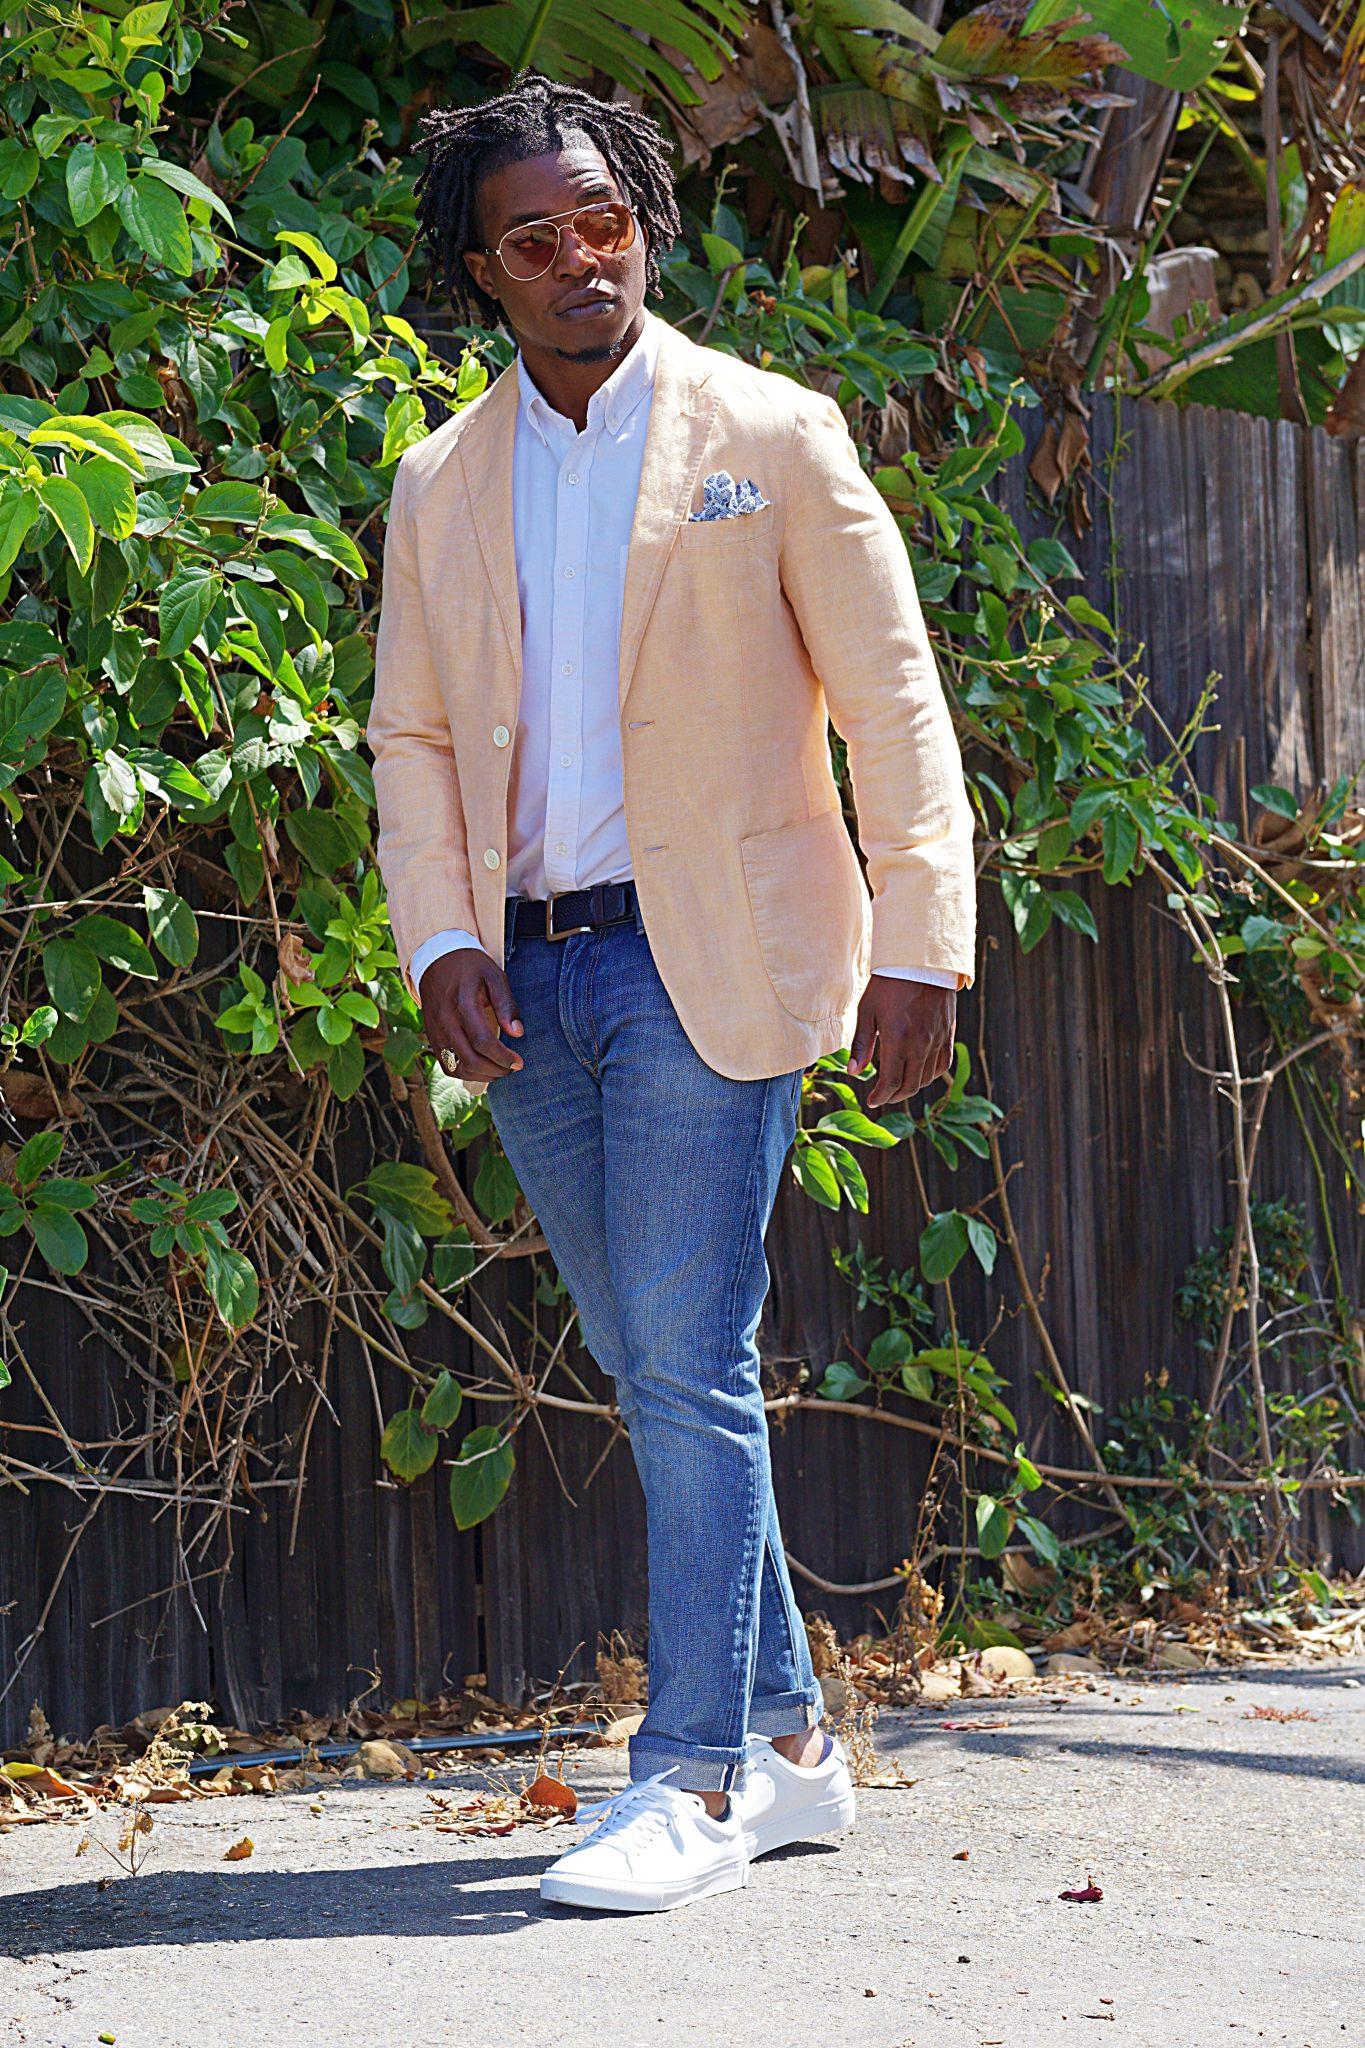 linen-orange-blazer-white-oxford-shirt-casual-summer-outfit-ideas-beckett simonon-reid-white-leather-sneakers